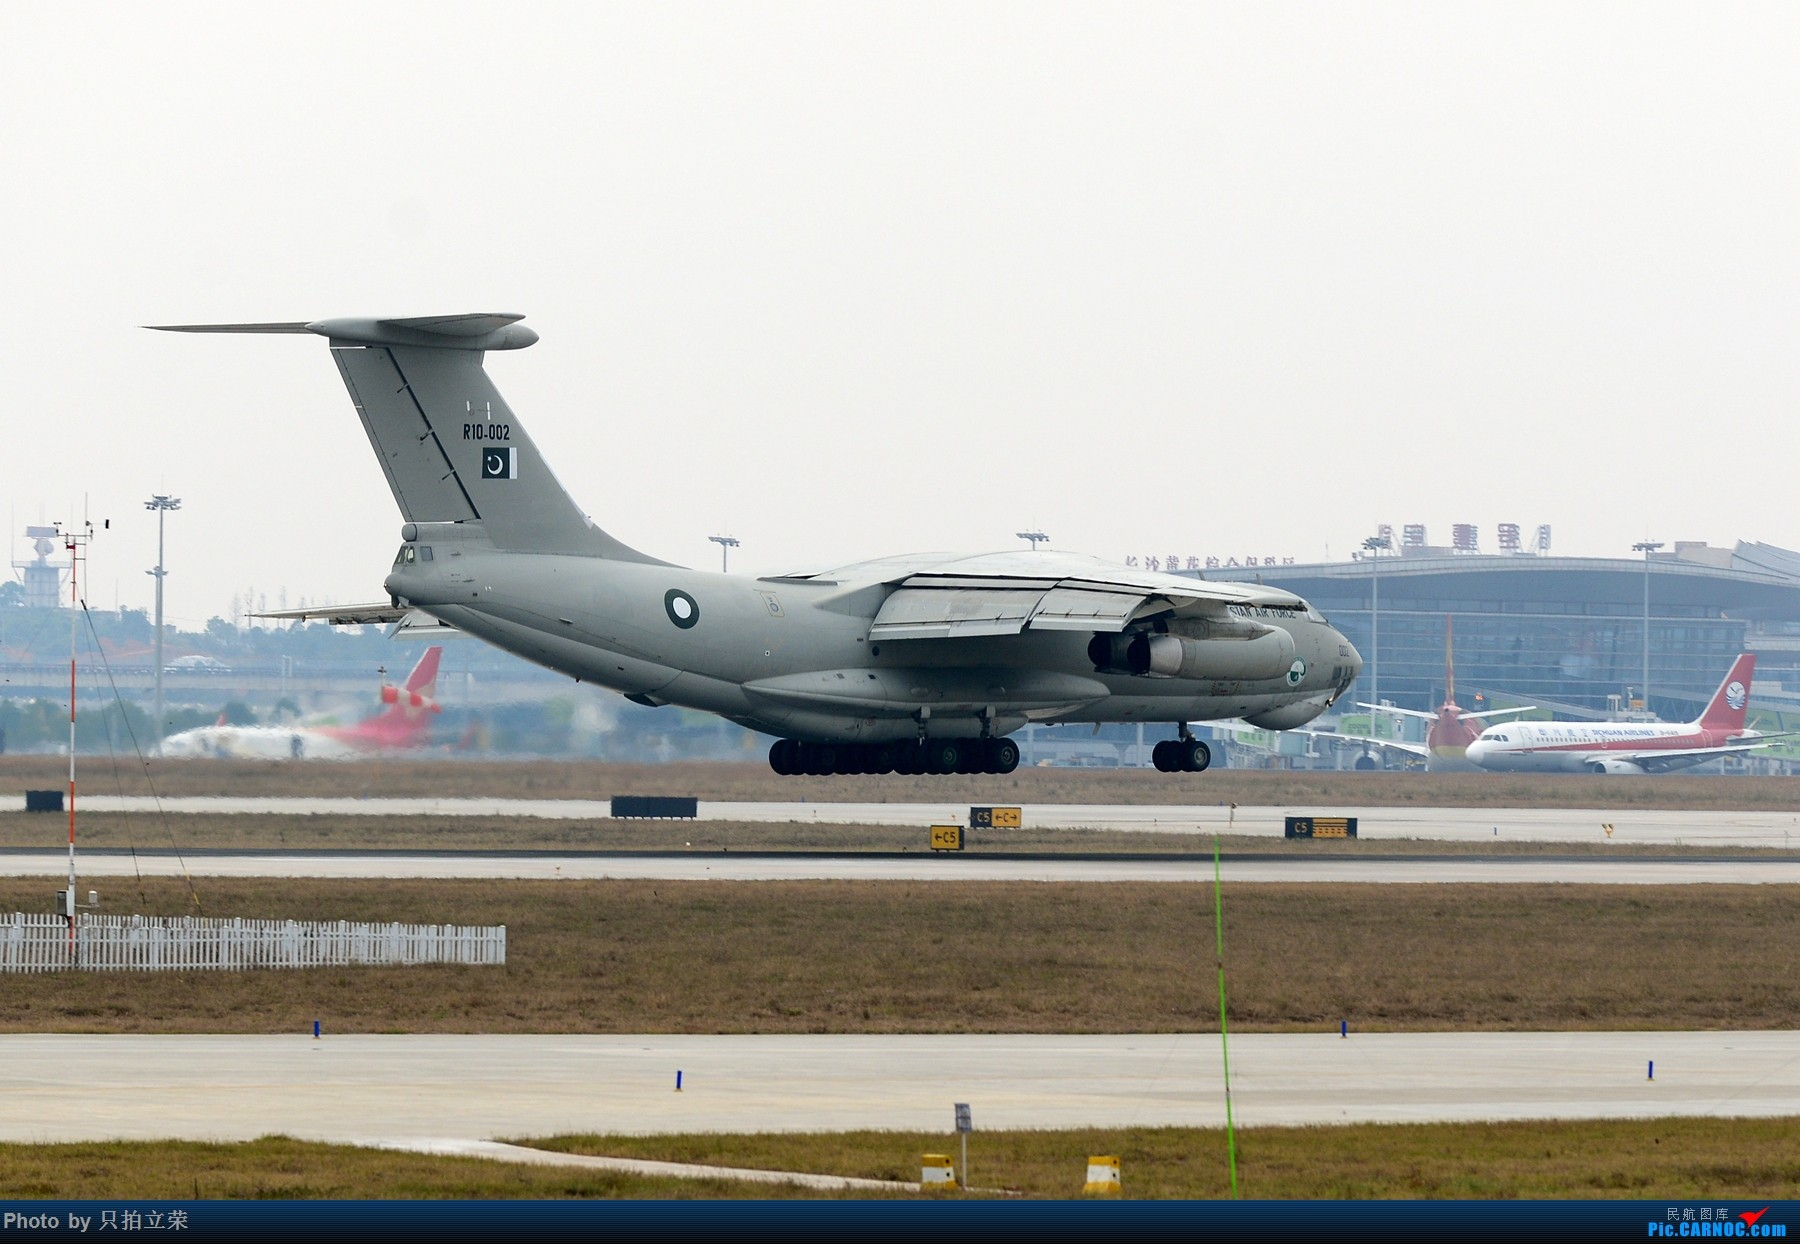 中国�9.��f��i)�il�)~K�_ilyushin il-78 中国长沙黄花国际机场